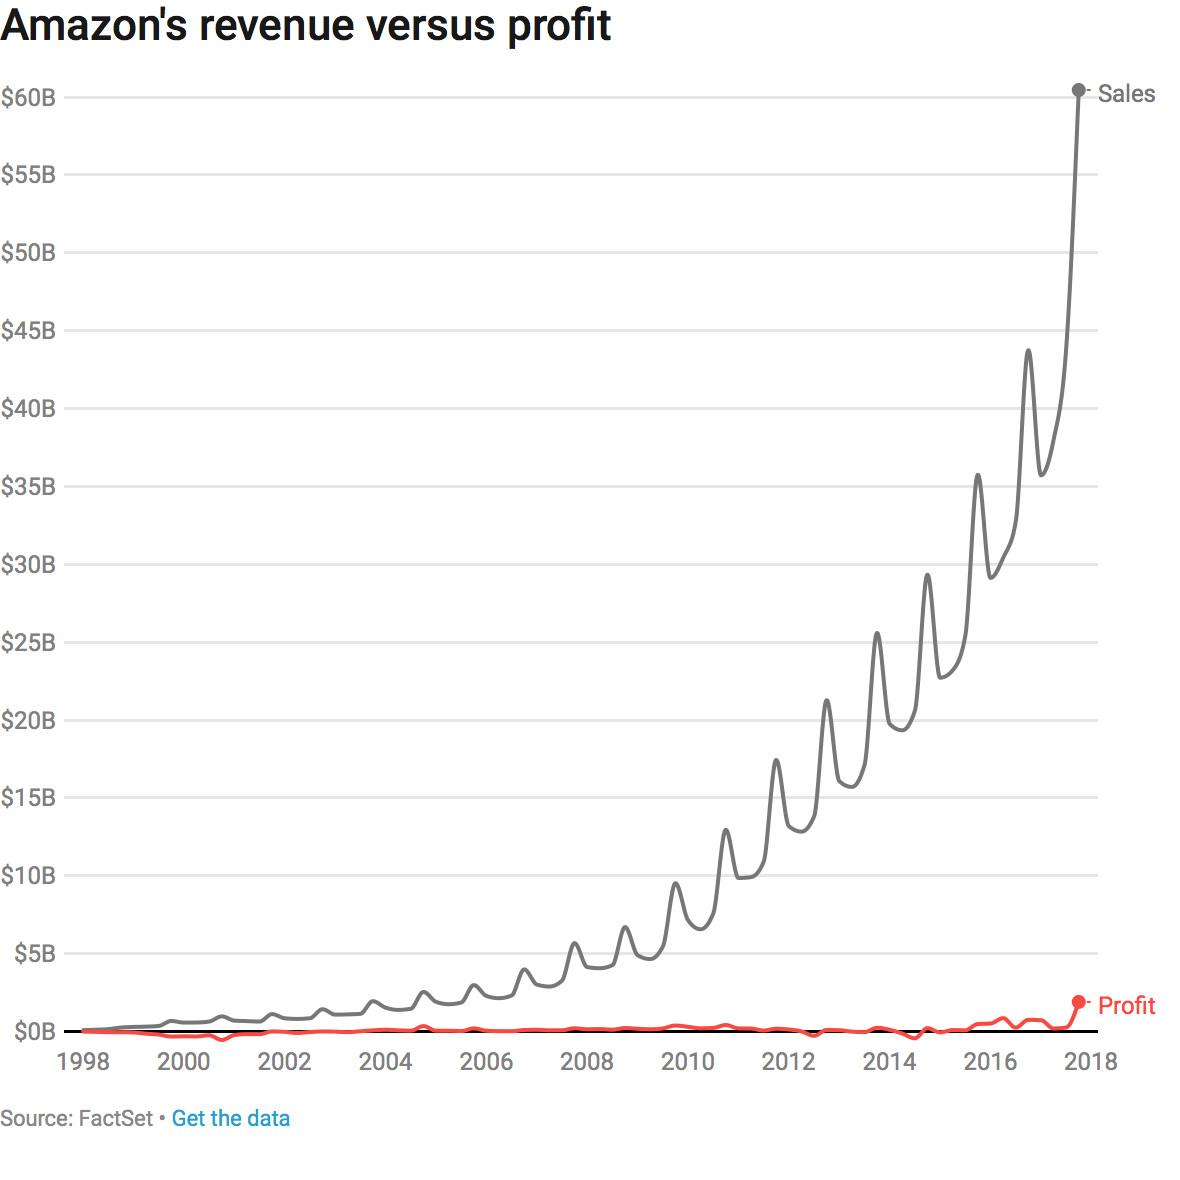 Amazon revenue versus profit